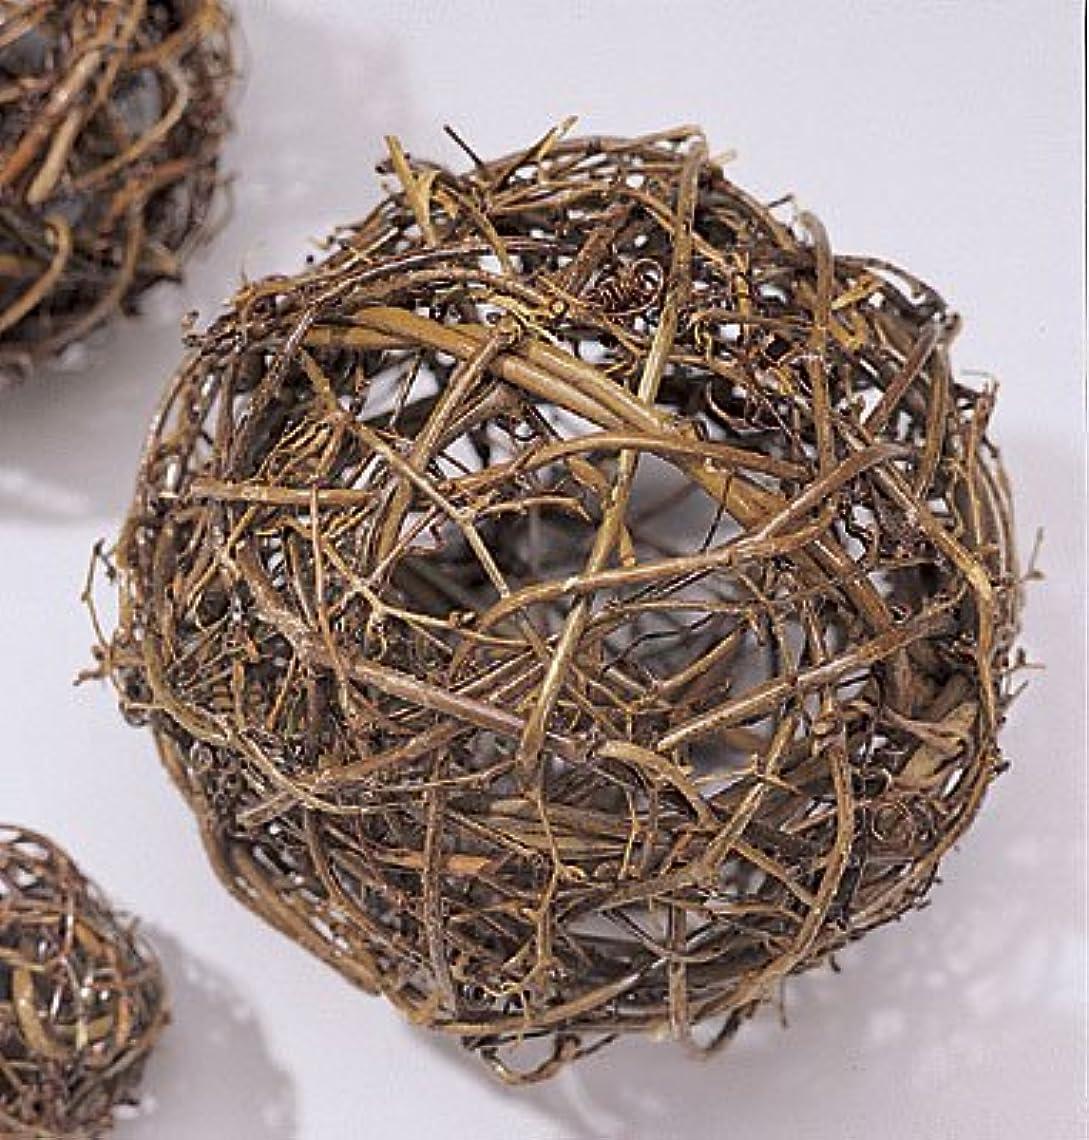 発生項目推進、動かす自然Grapevineトピアリーボール6、8、10、12、16、18、24、30、36インチサイズワイヤフレーム Single 30 inch ball